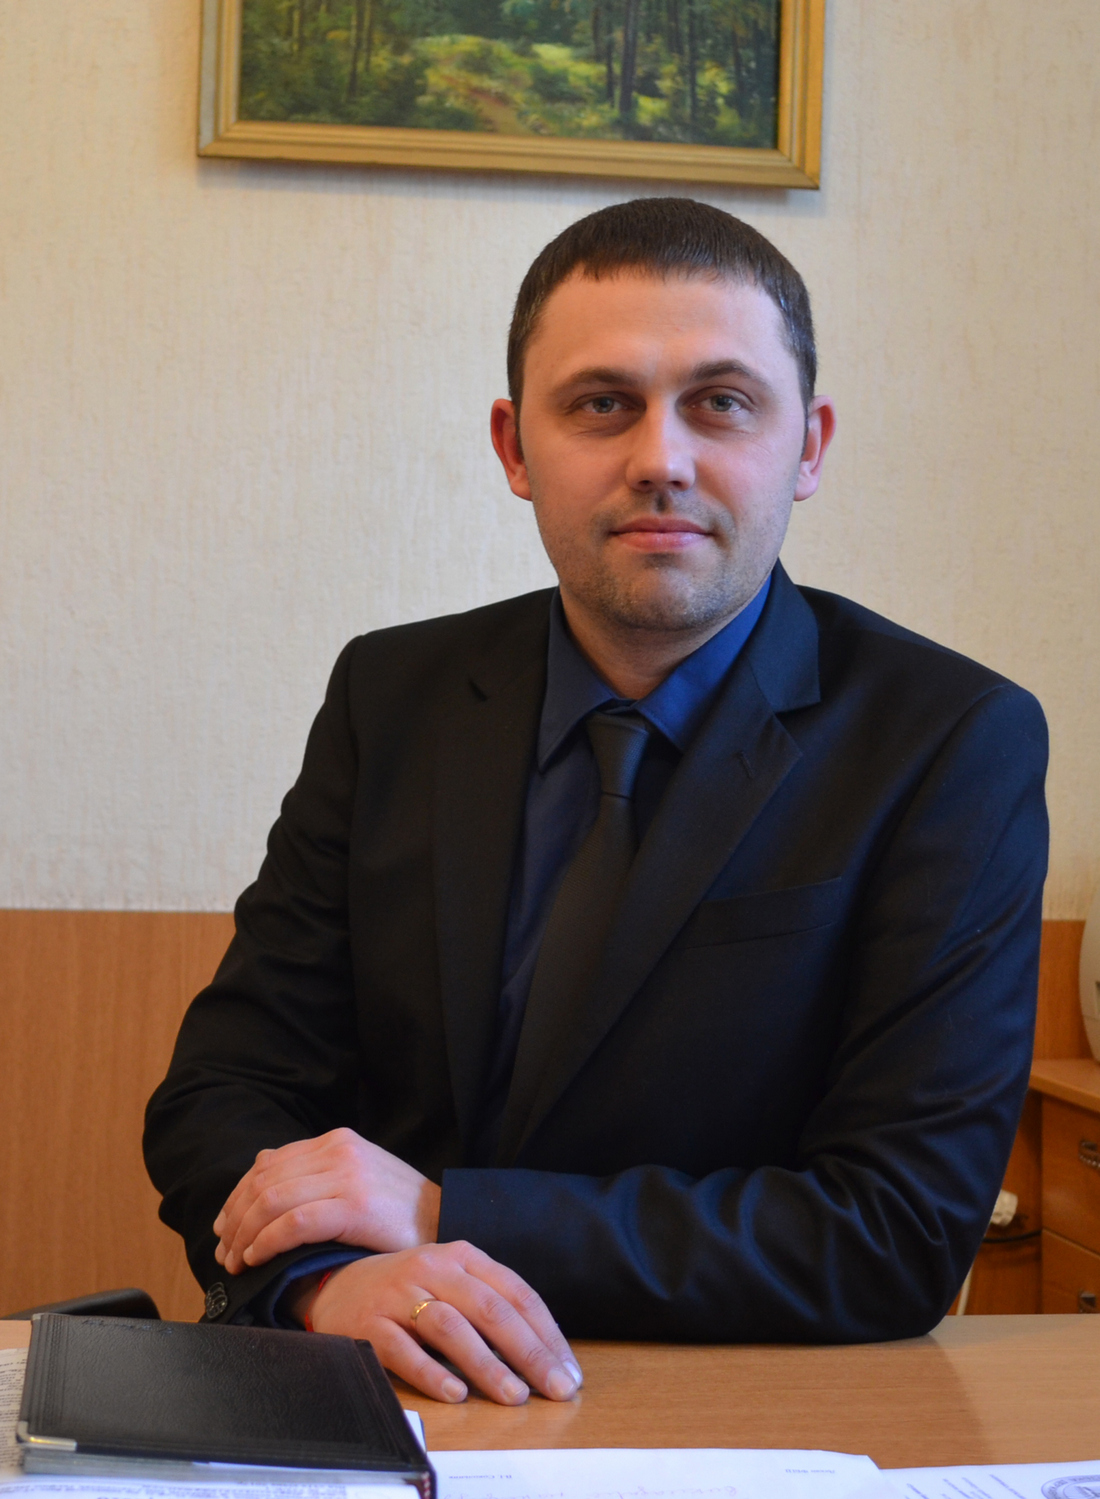 Федченок Олександр Іванович